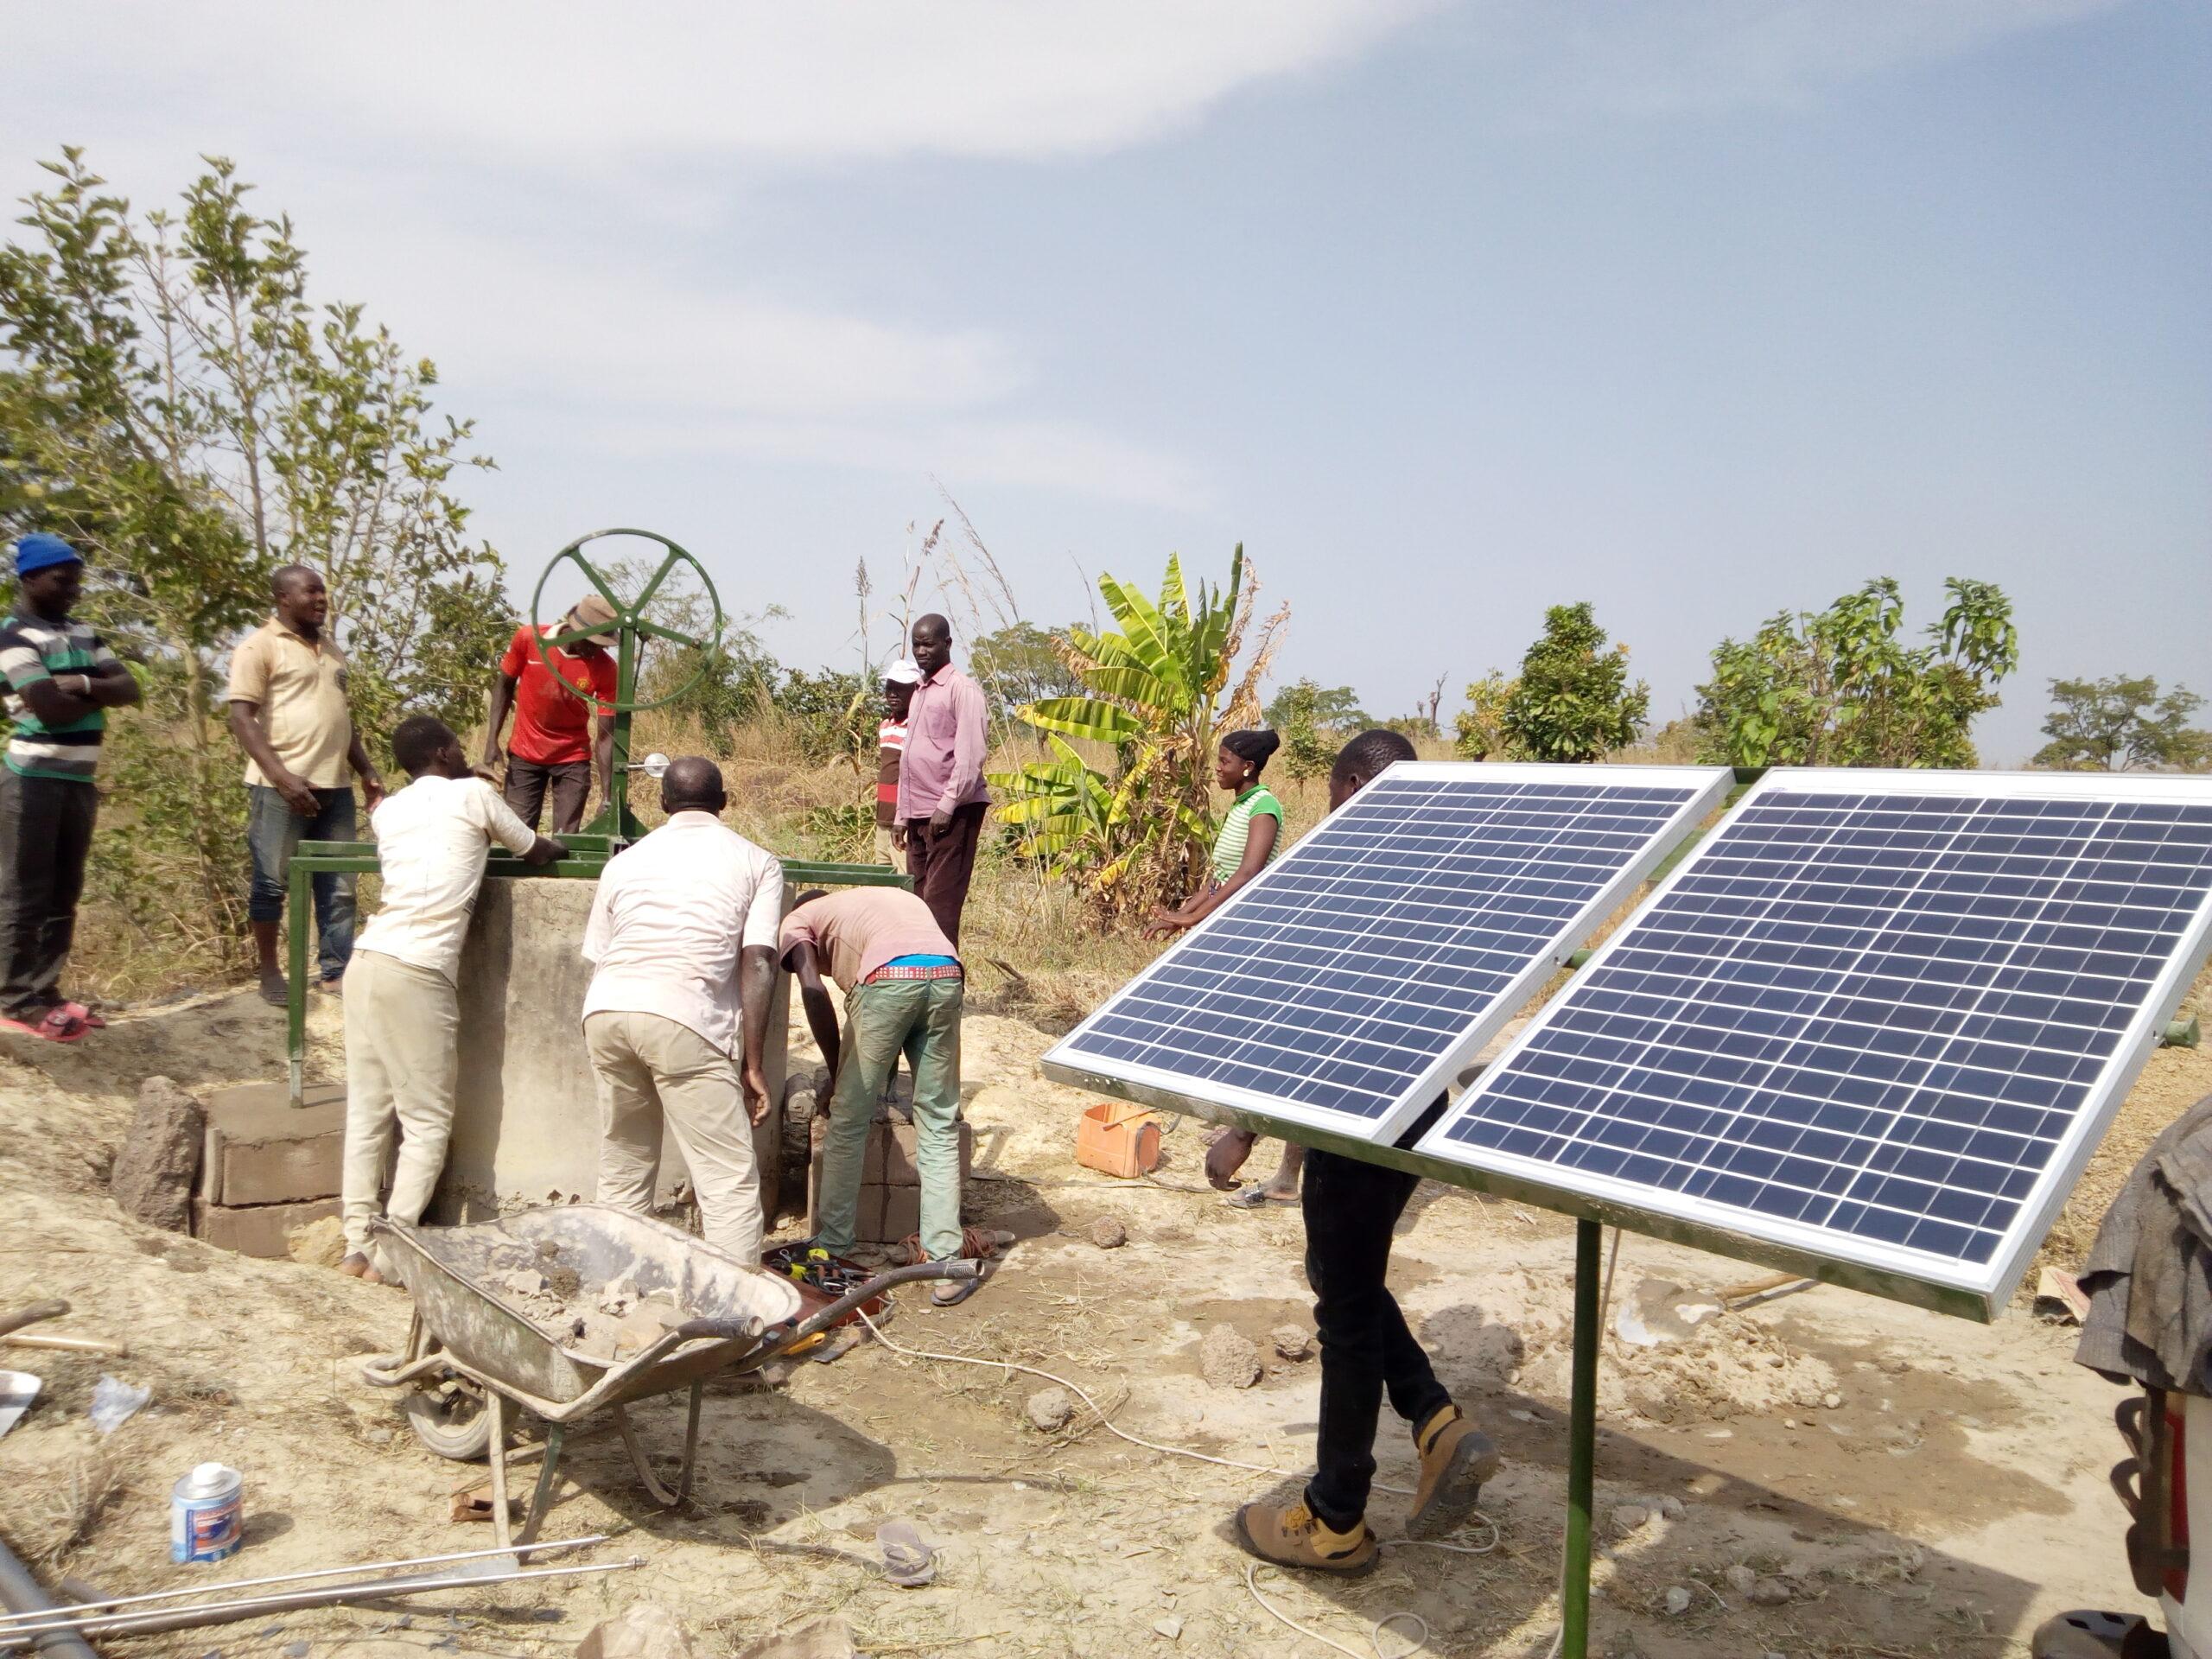 30% de la population mondiale n'ont pas accès à une eau potable, mais seulement à une eau non traité. Désormais, un projet sur deux mené par l'ONG Electriciens Sans Frontières a pour ambition de répondre à des besoins en eau de consommation humaine ou d'irrigation, afin de répondre à des enjeux de sécurité alimentaire. Pour ce faire, les techniciens d'ESF réalisent forages et systèmes de pompage solaire pour puiser l'eau en profondeur. - Photo : Electriciens Sans Frontières